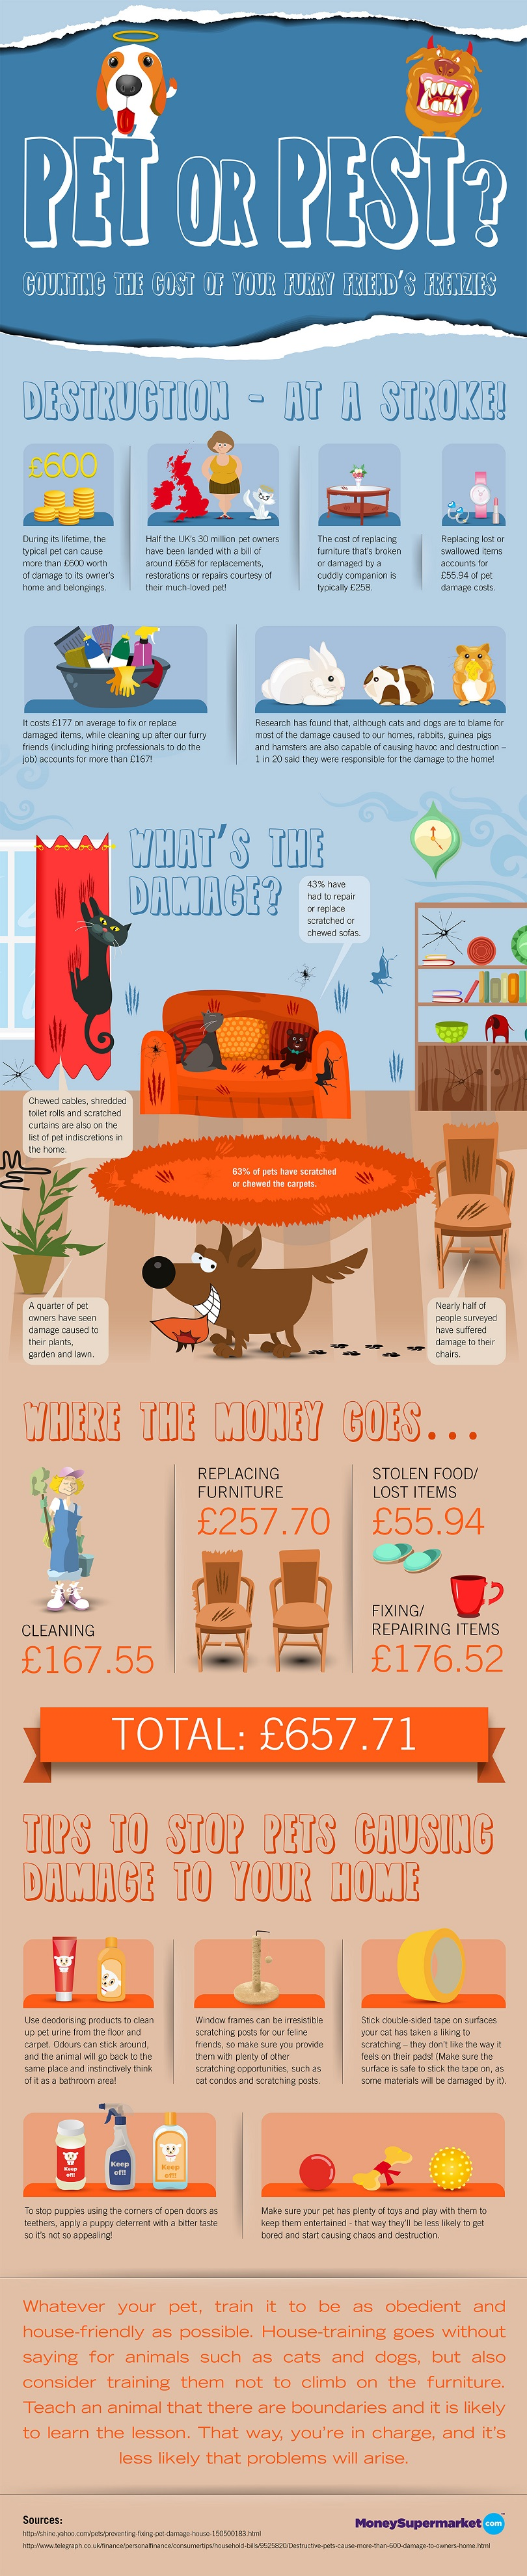 Pesky Pets - An Expensive Affair